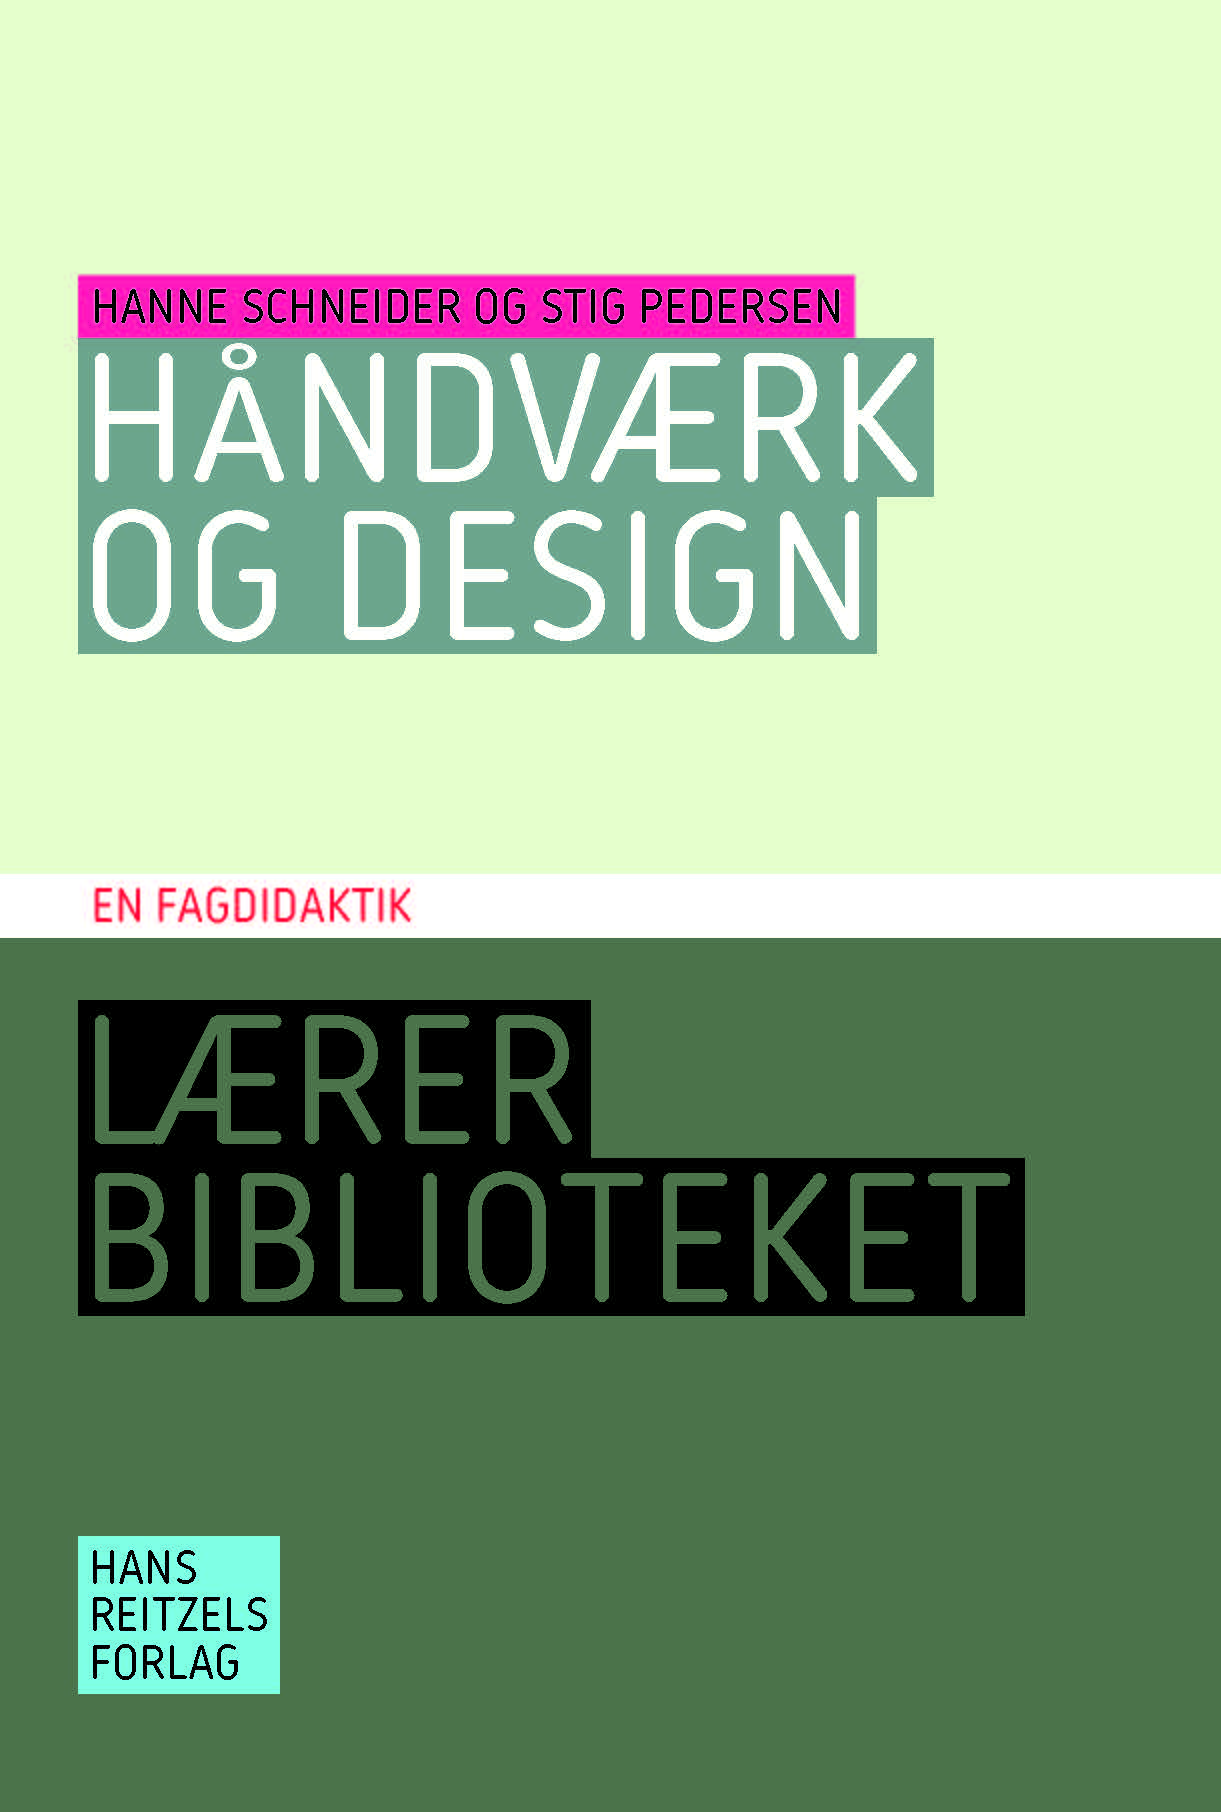 Håndværk og design - en fagdidaktik